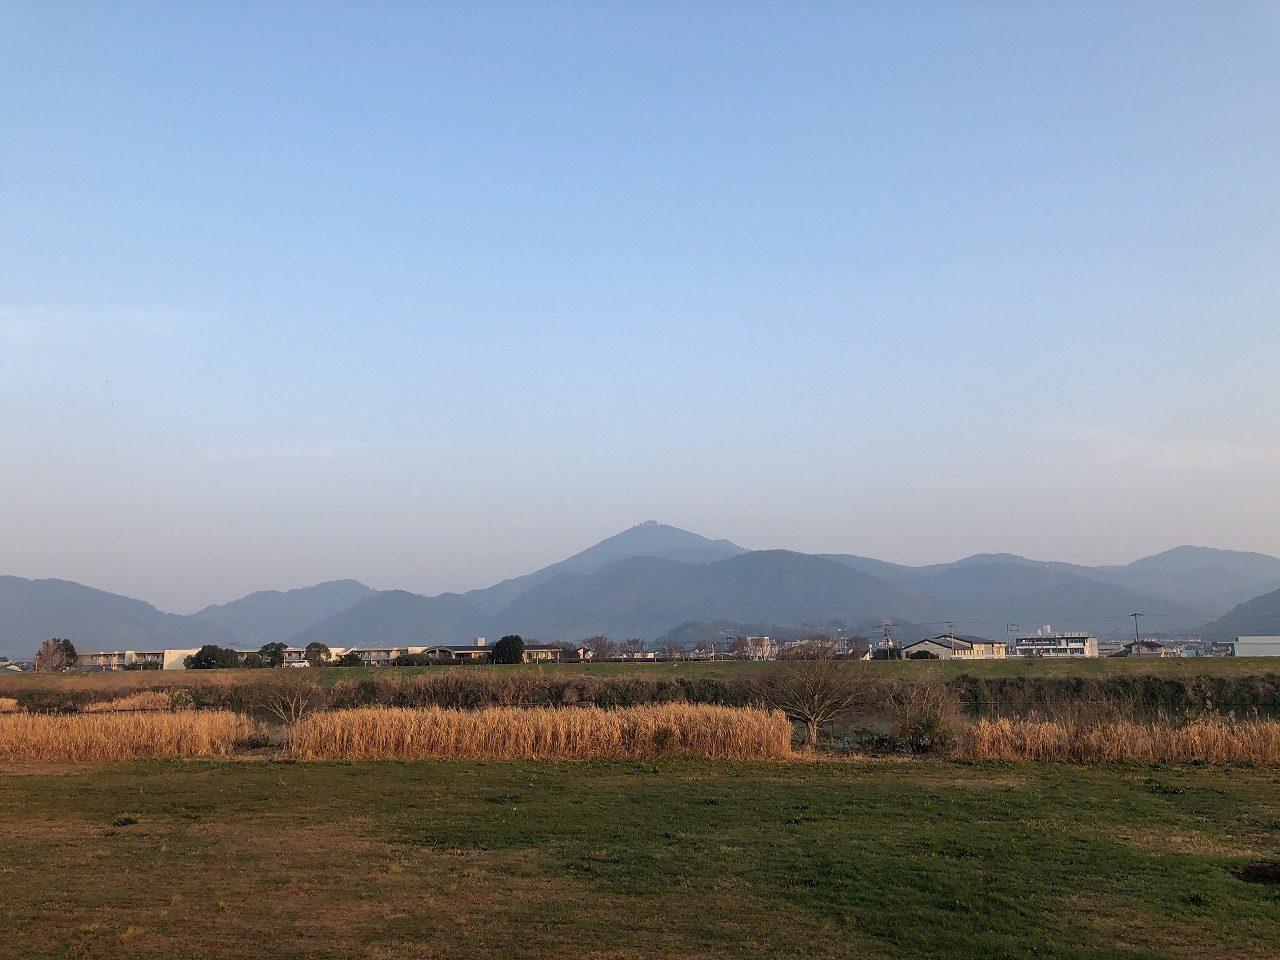 2019.2.26今朝の金峰山です。